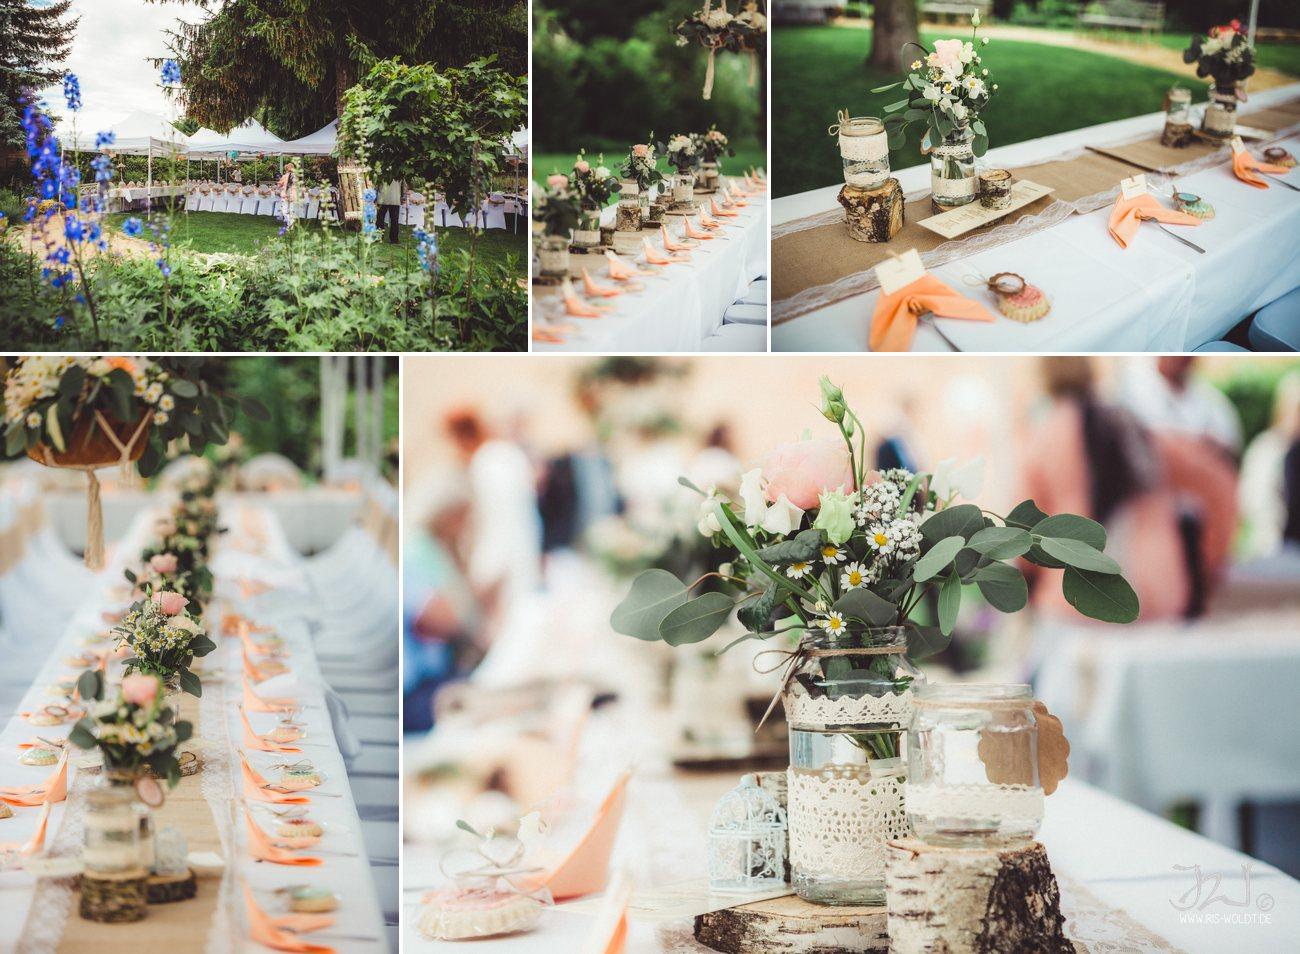 Hochzeitsfotograf_Altthymen_MuehleTornow_IrisWoldt 56